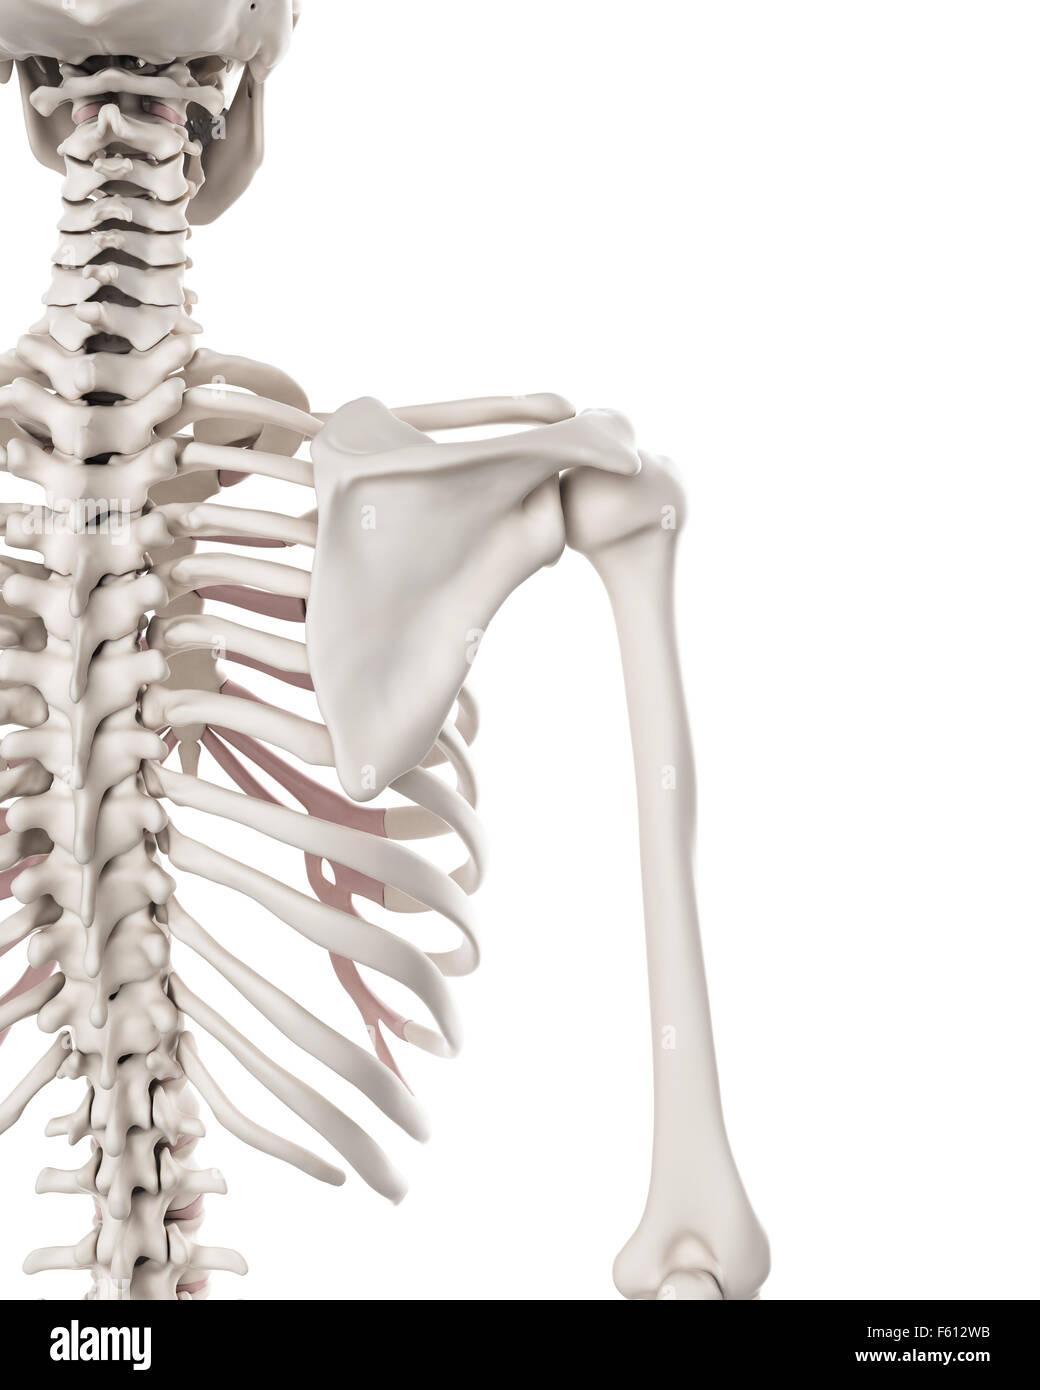 Niedlich Schulterknochen Anatomie Ideen - Menschliche Anatomie ...